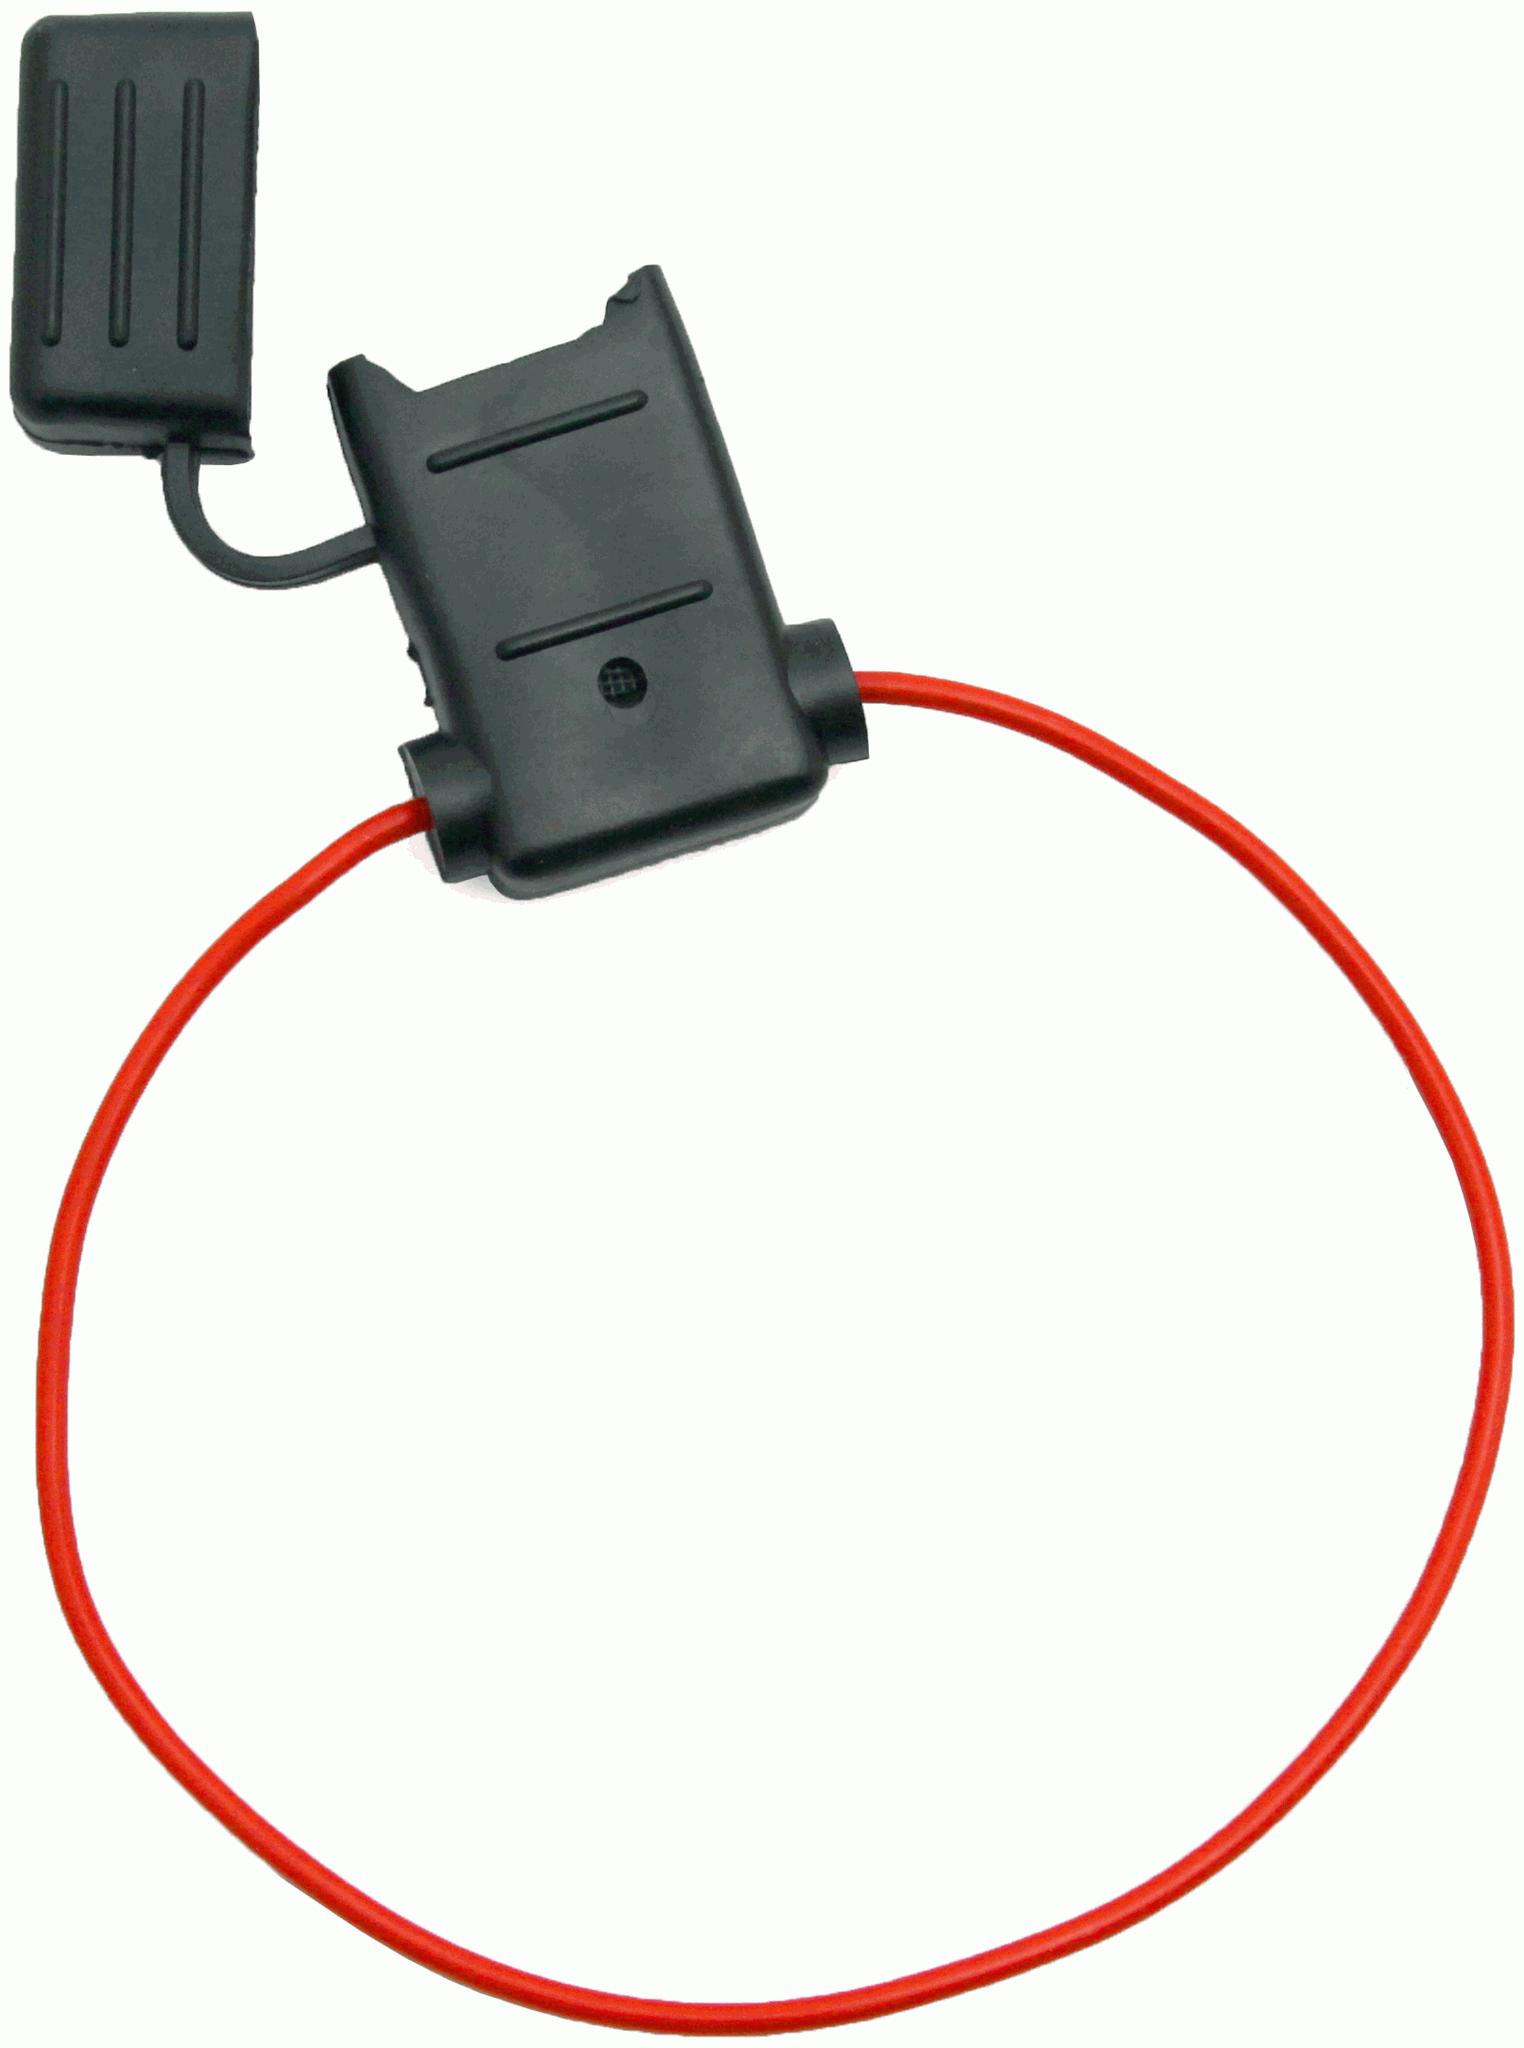 SCOSCHE ATCFH18-5 18 Gauge ATO Fuse Holder with CVR